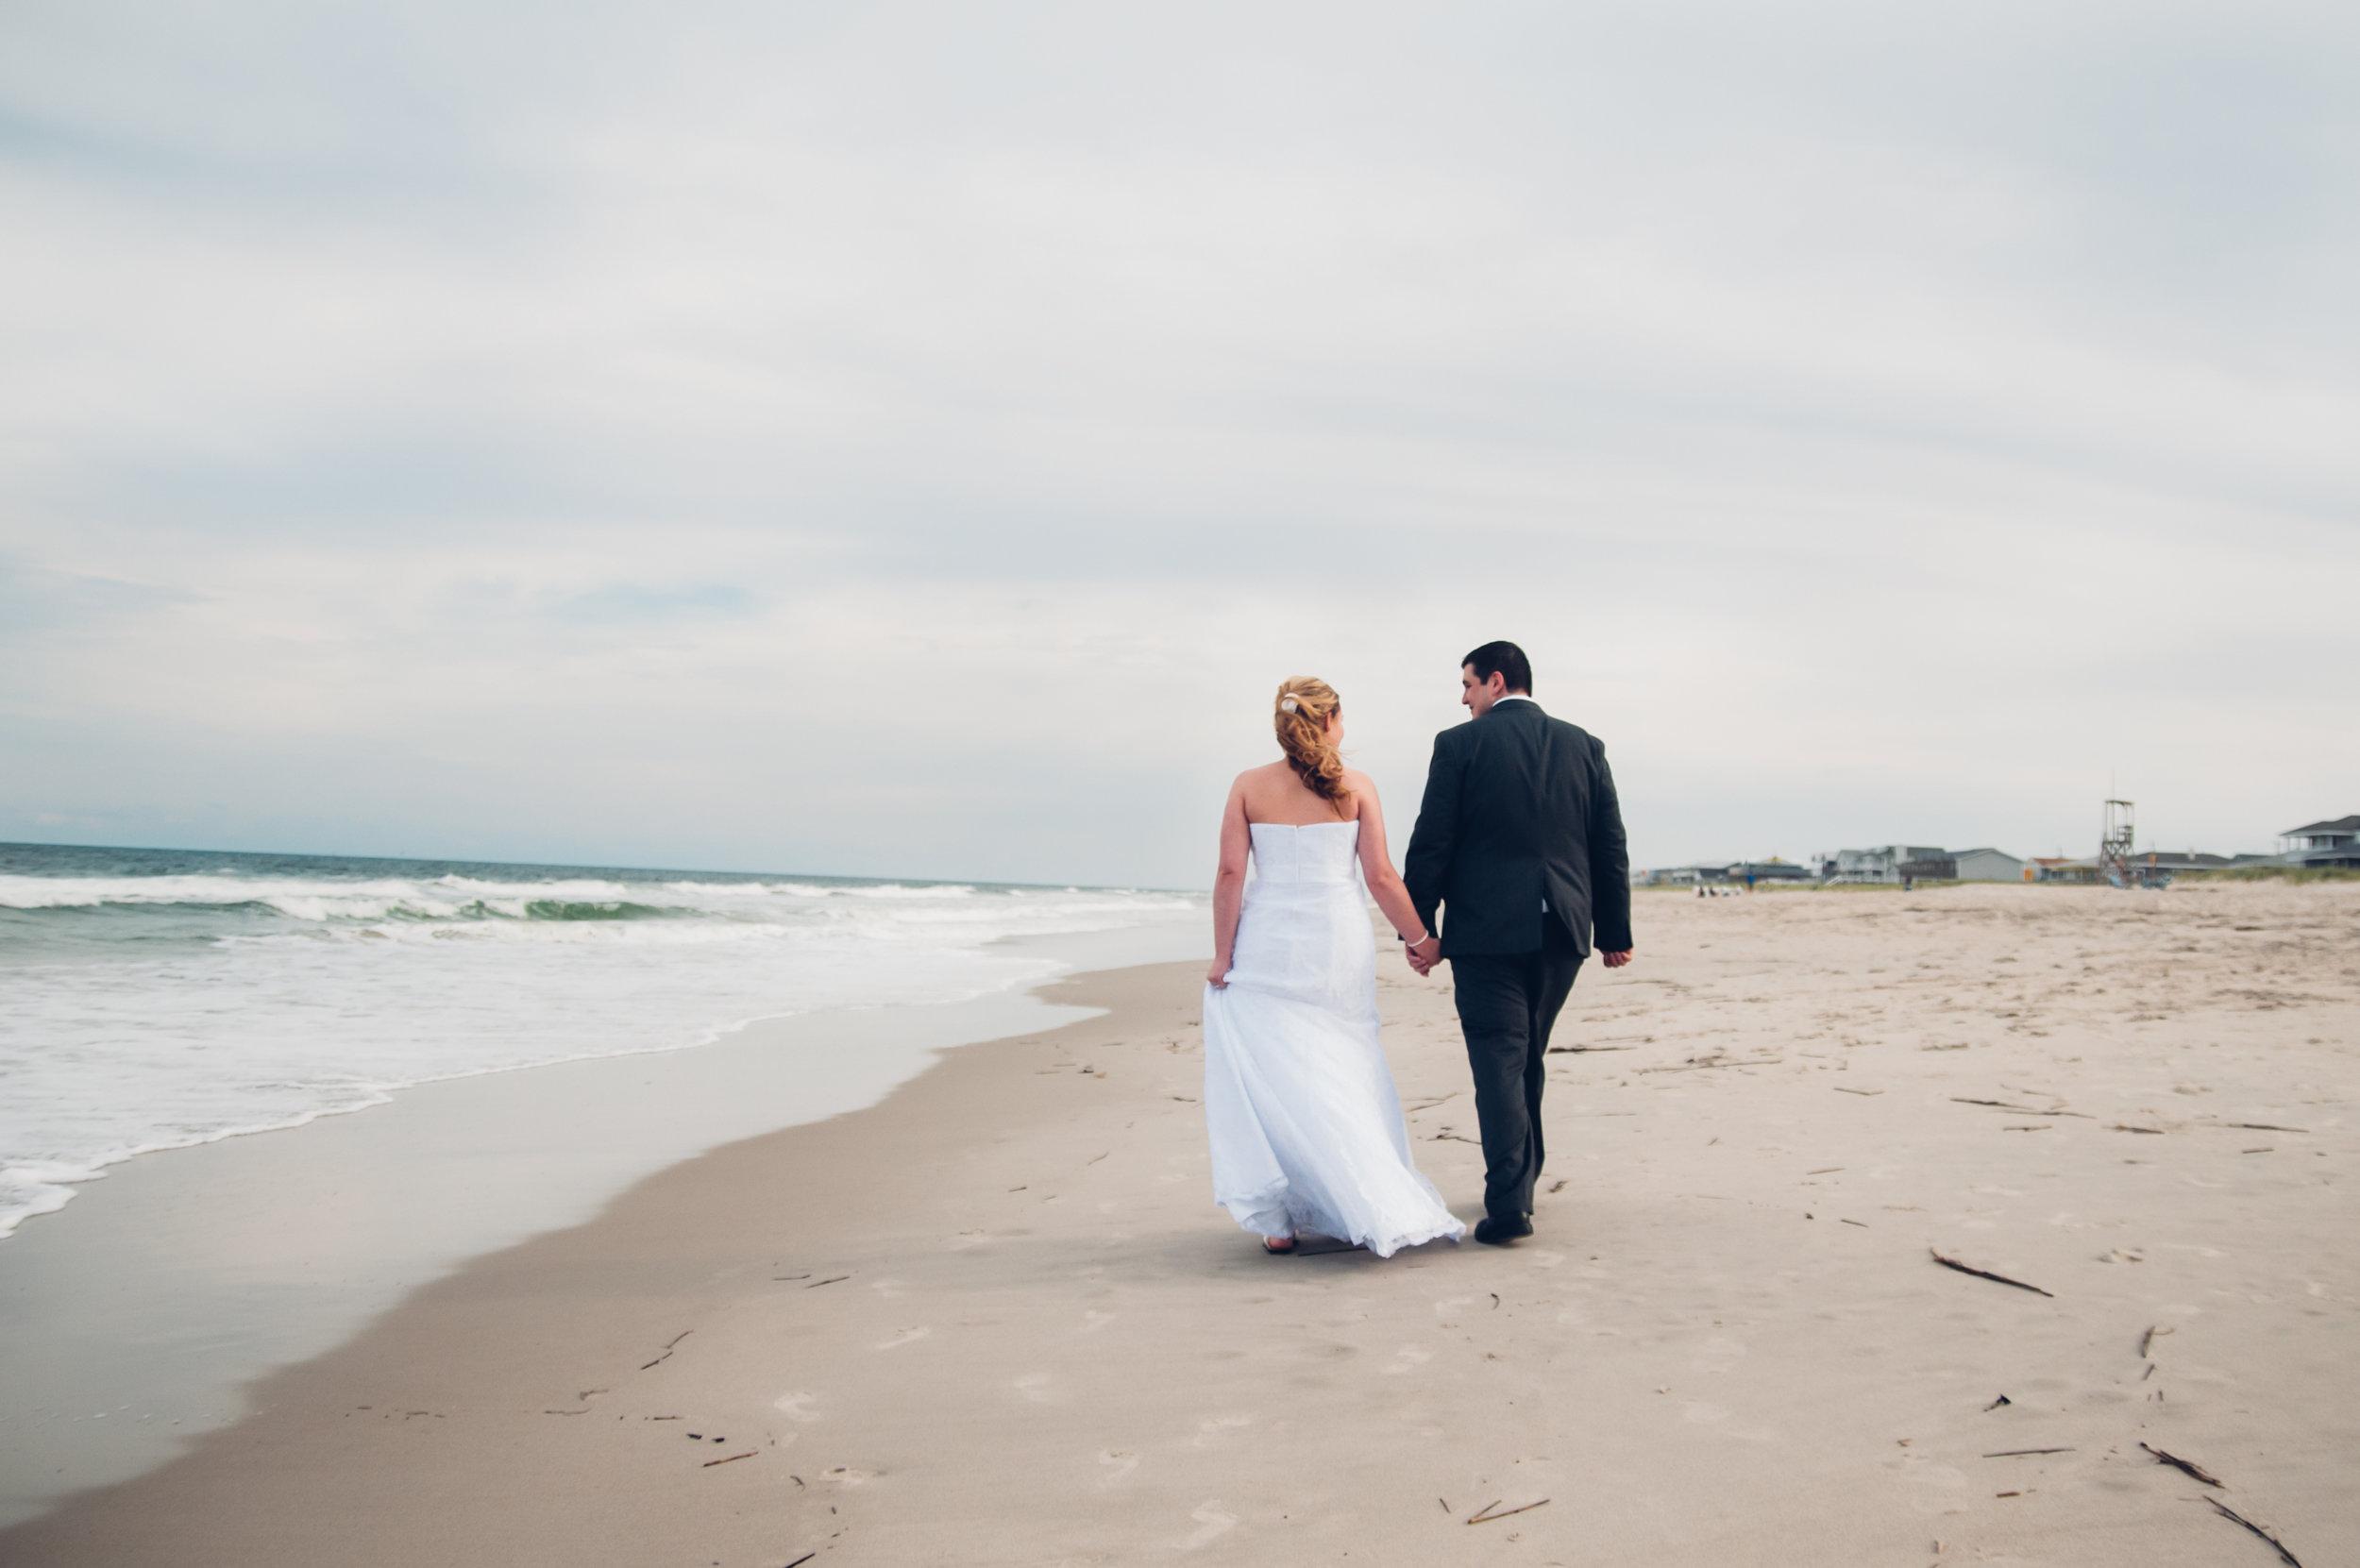 Saine_Wedding437_DSC6854.jpg